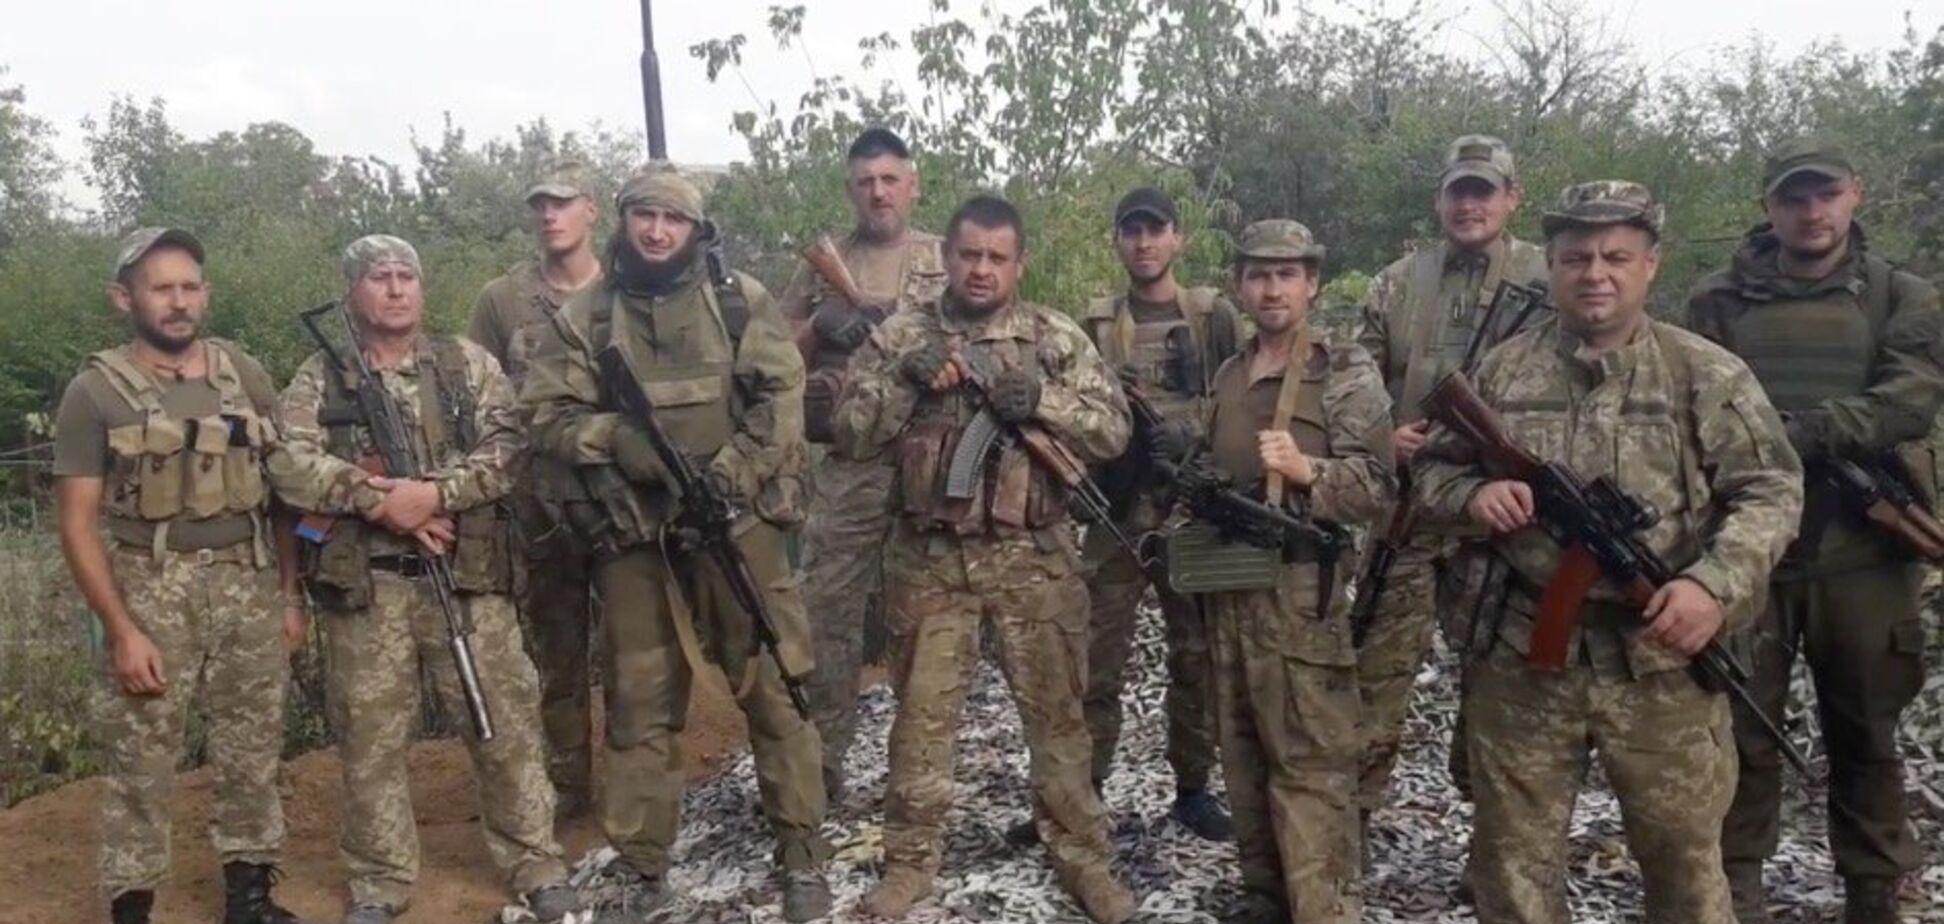 Генерал, который оскорбил добровольцев, отозван из зоны АТО